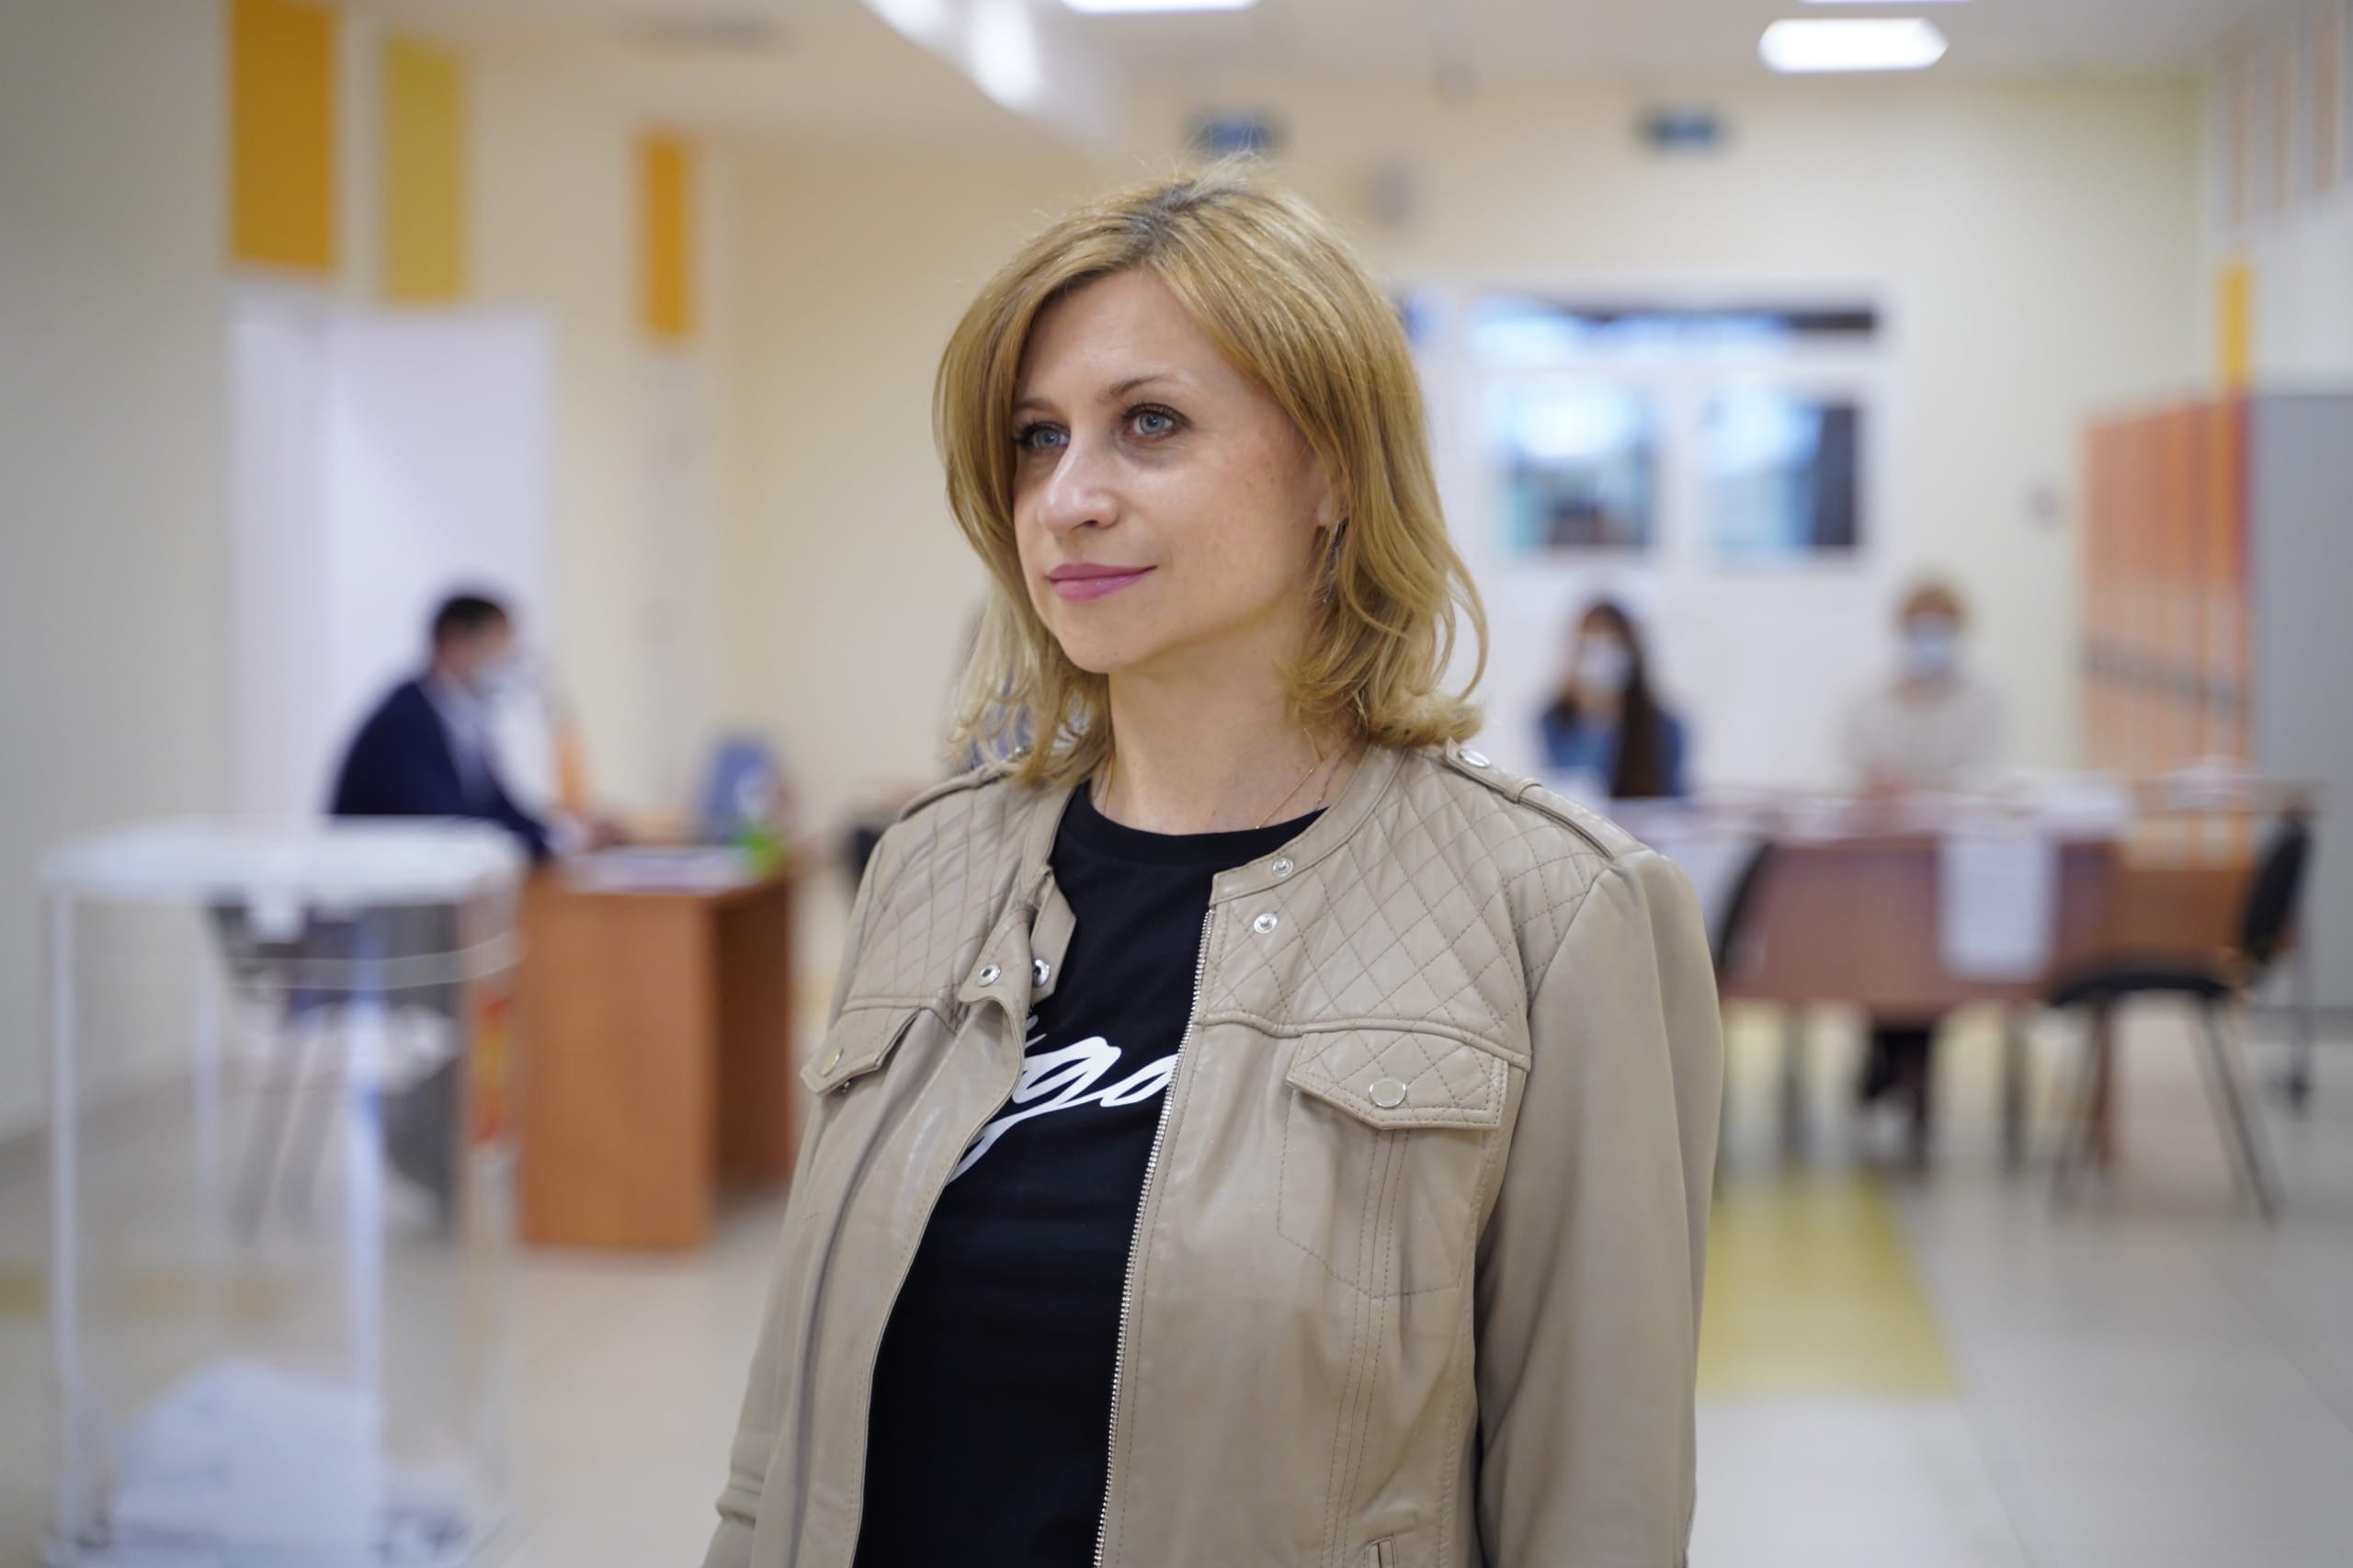 Юлия Васильчук: Верхневолжье чётко вписано в федеральную стратегию развития страны